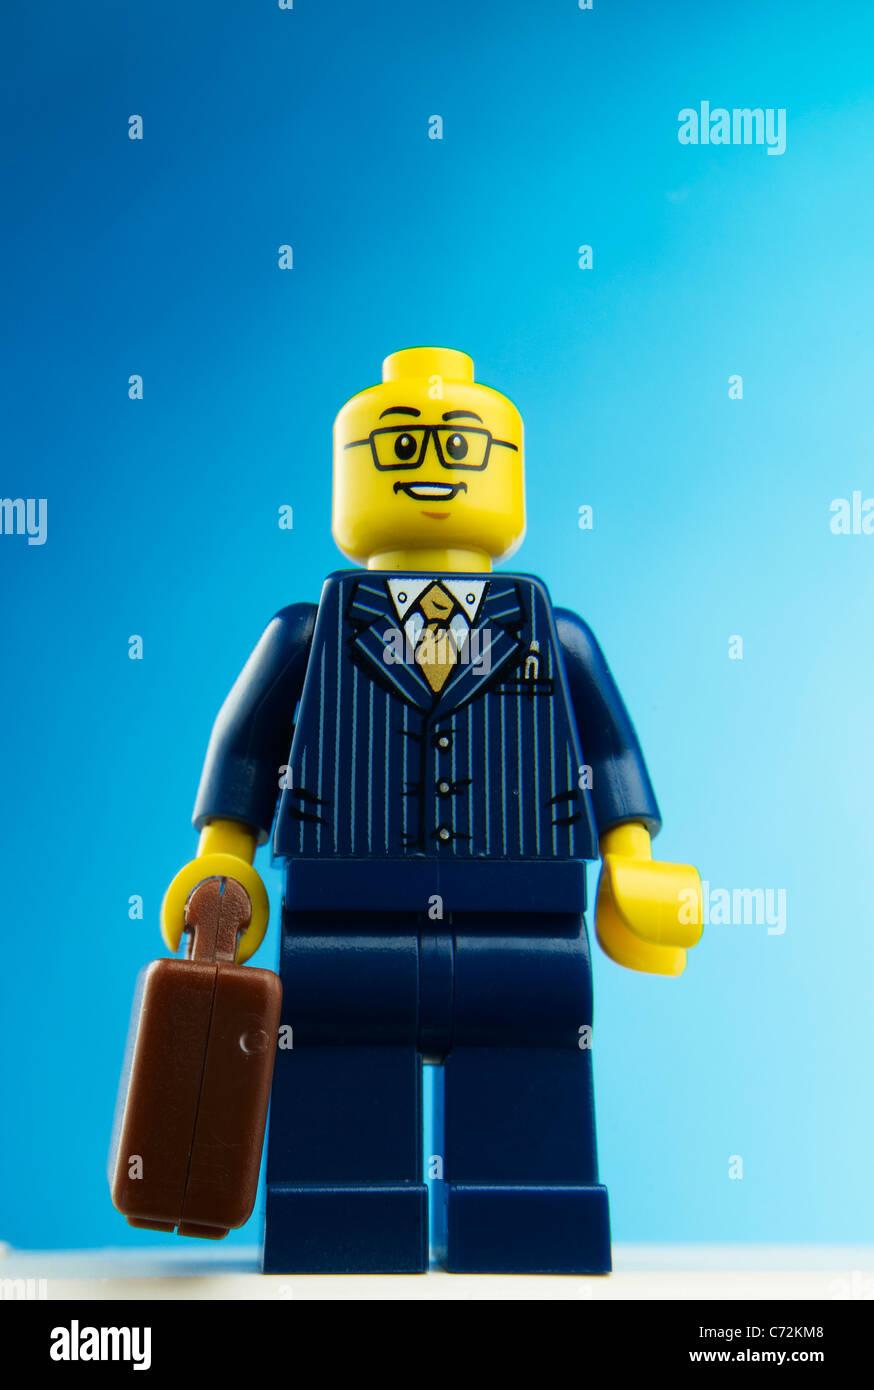 Lego businessman - Stock Image